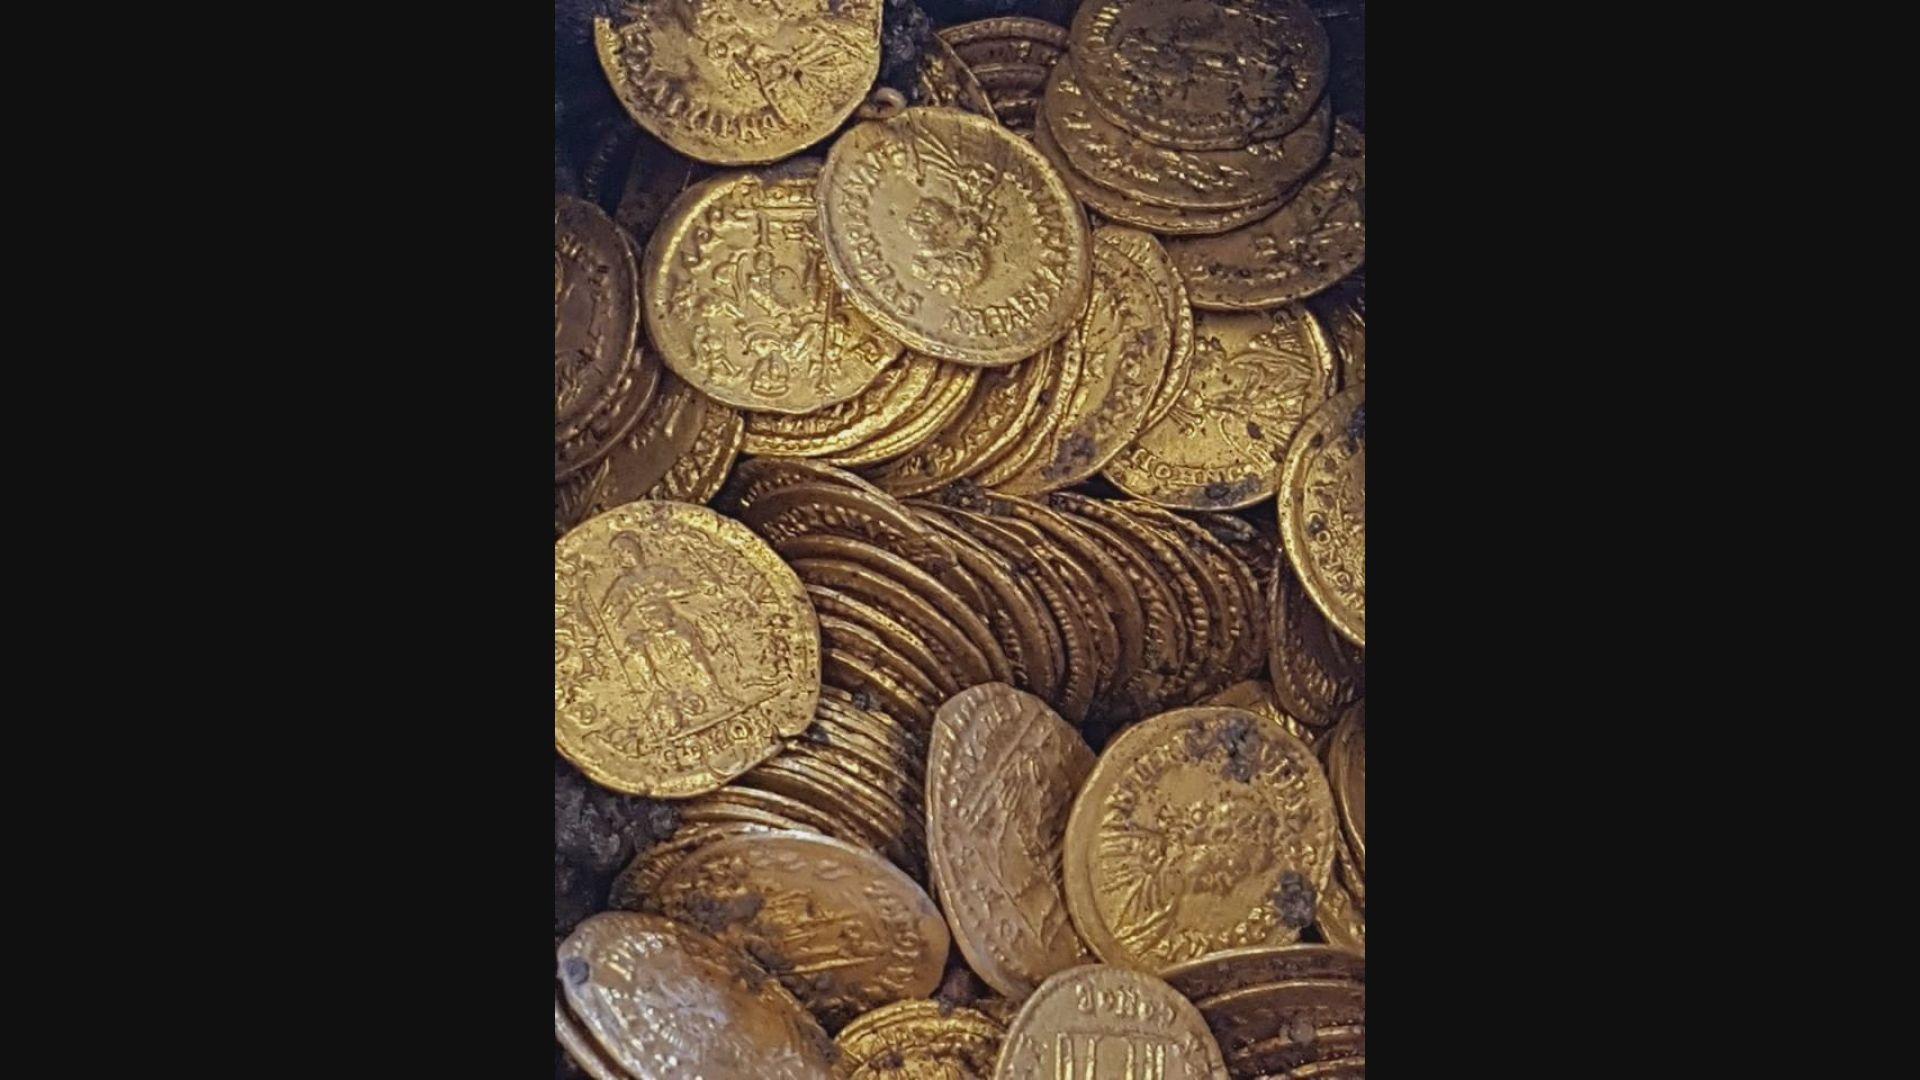 【環球薈報】過百枚舊金幣於意大利北部出土